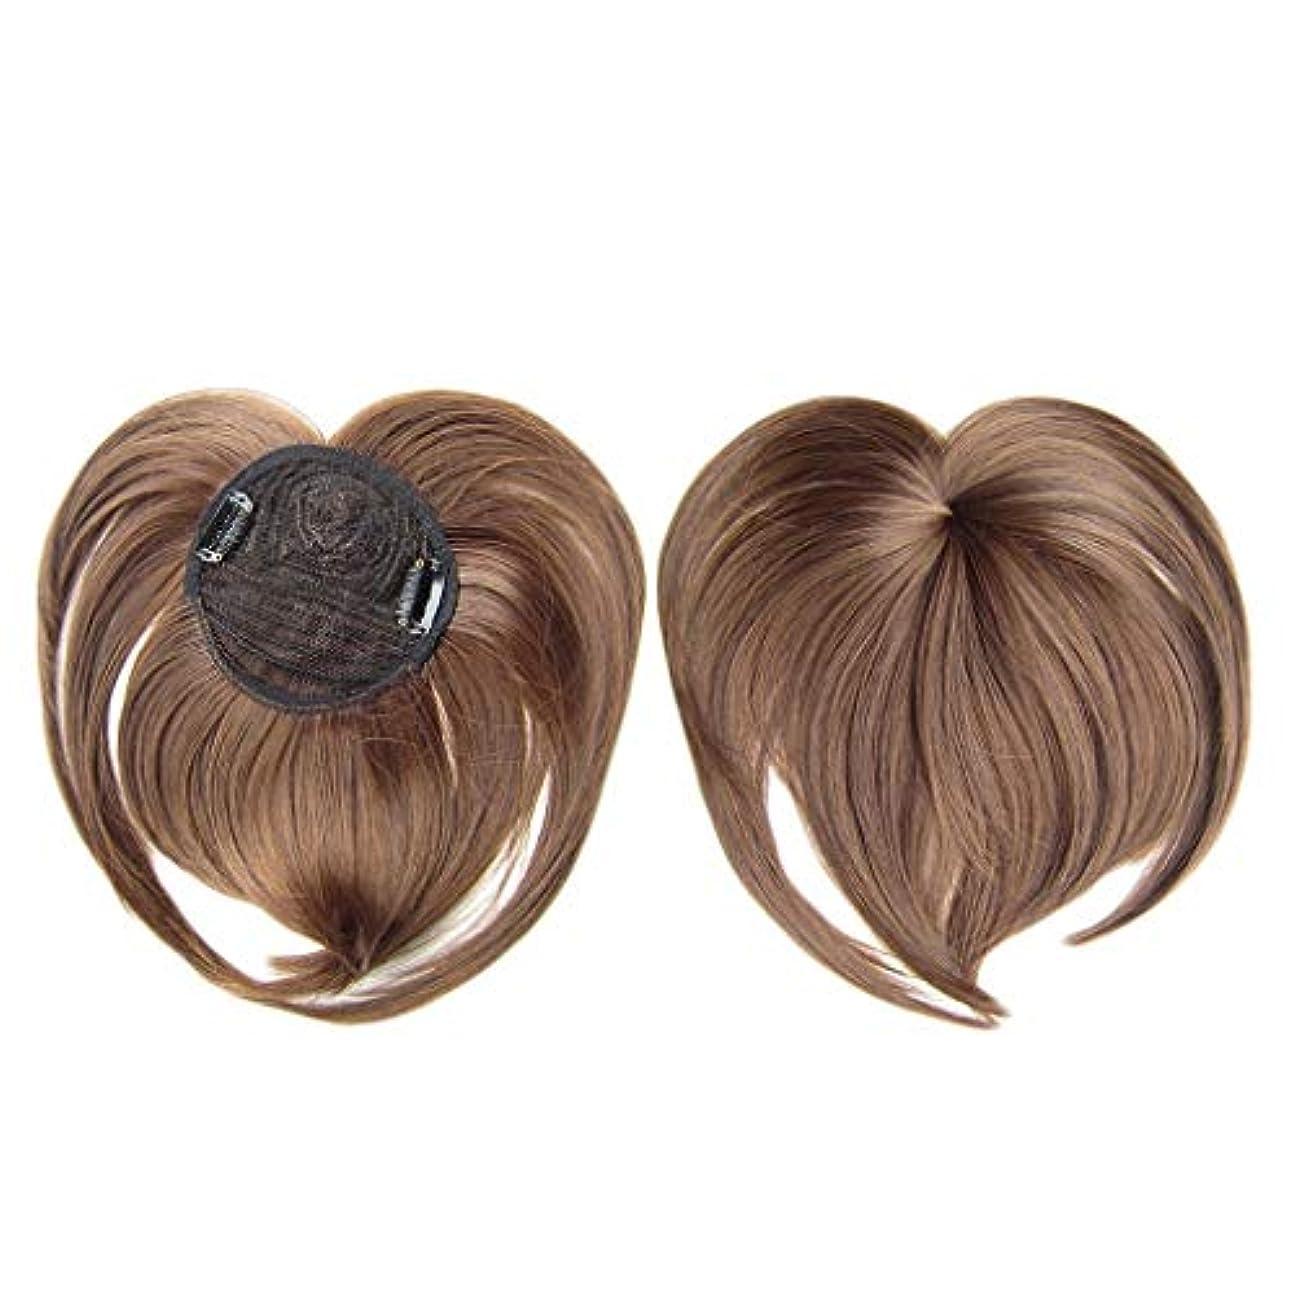 弾丸同行爵Jun® 女性の絹のようなクリップオンヘアトッパーウィッグ耐熱ファイバーウィッグファッションヘアウィッグ (G)